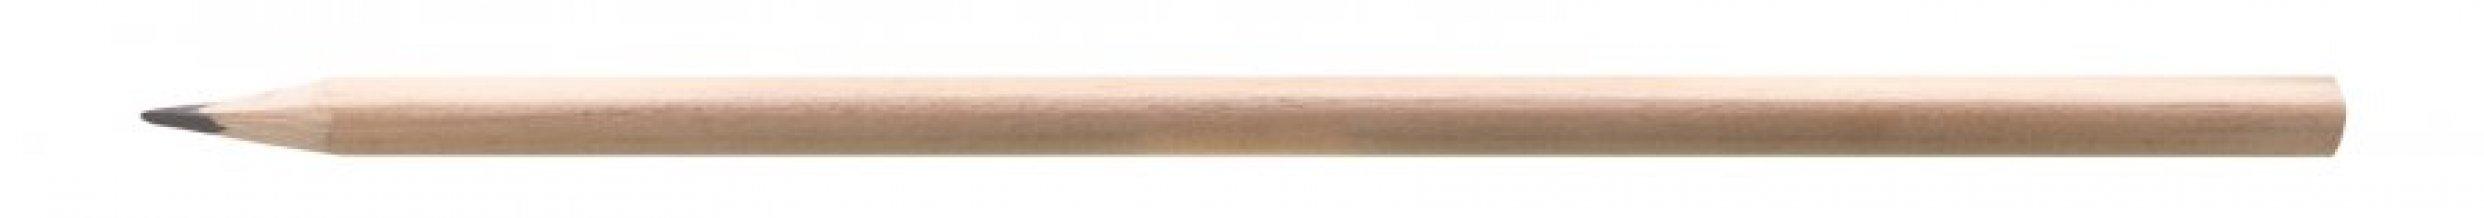 Tužka hrocená, dlouhá, trojhranná TRIA, natur